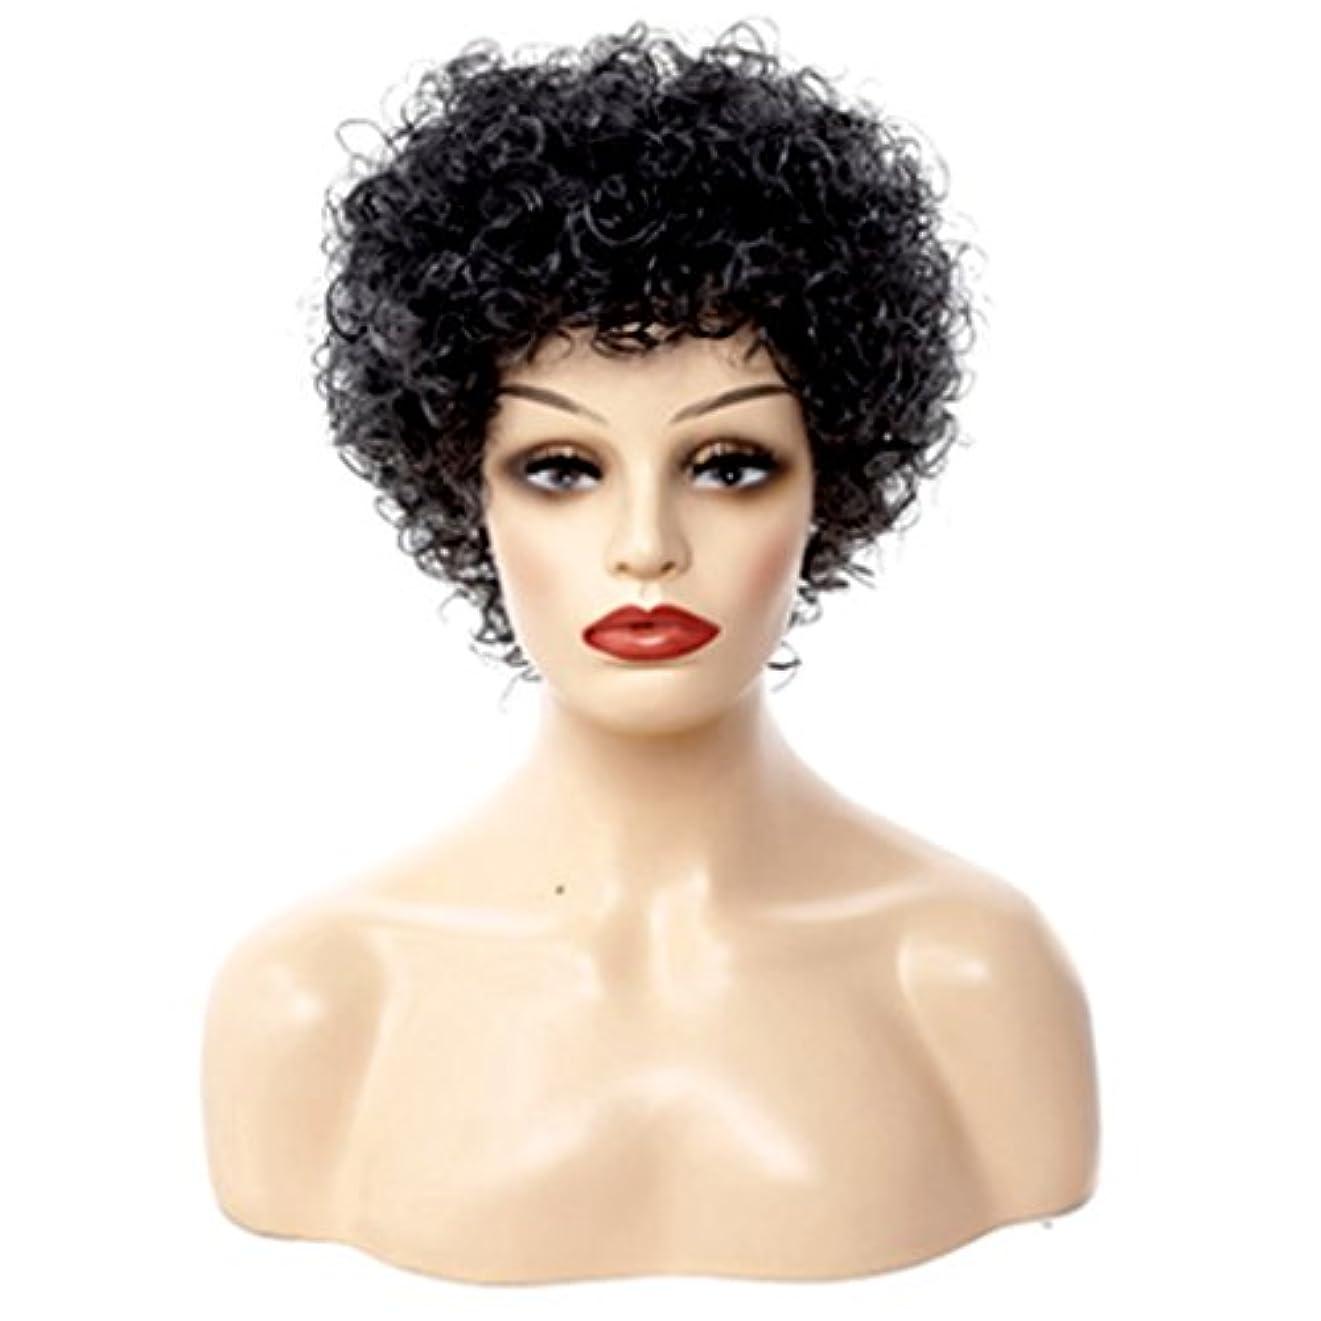 椅子葉を集める副YOUQIU 30センチメートルナチュラル女性のかつら - 小カーリーヘア、短いバースト、色は黒と白のハーモニーウィッグのパーフェクトフィットでウィッグのための調節可能な快適な$ (色 : Black and white...